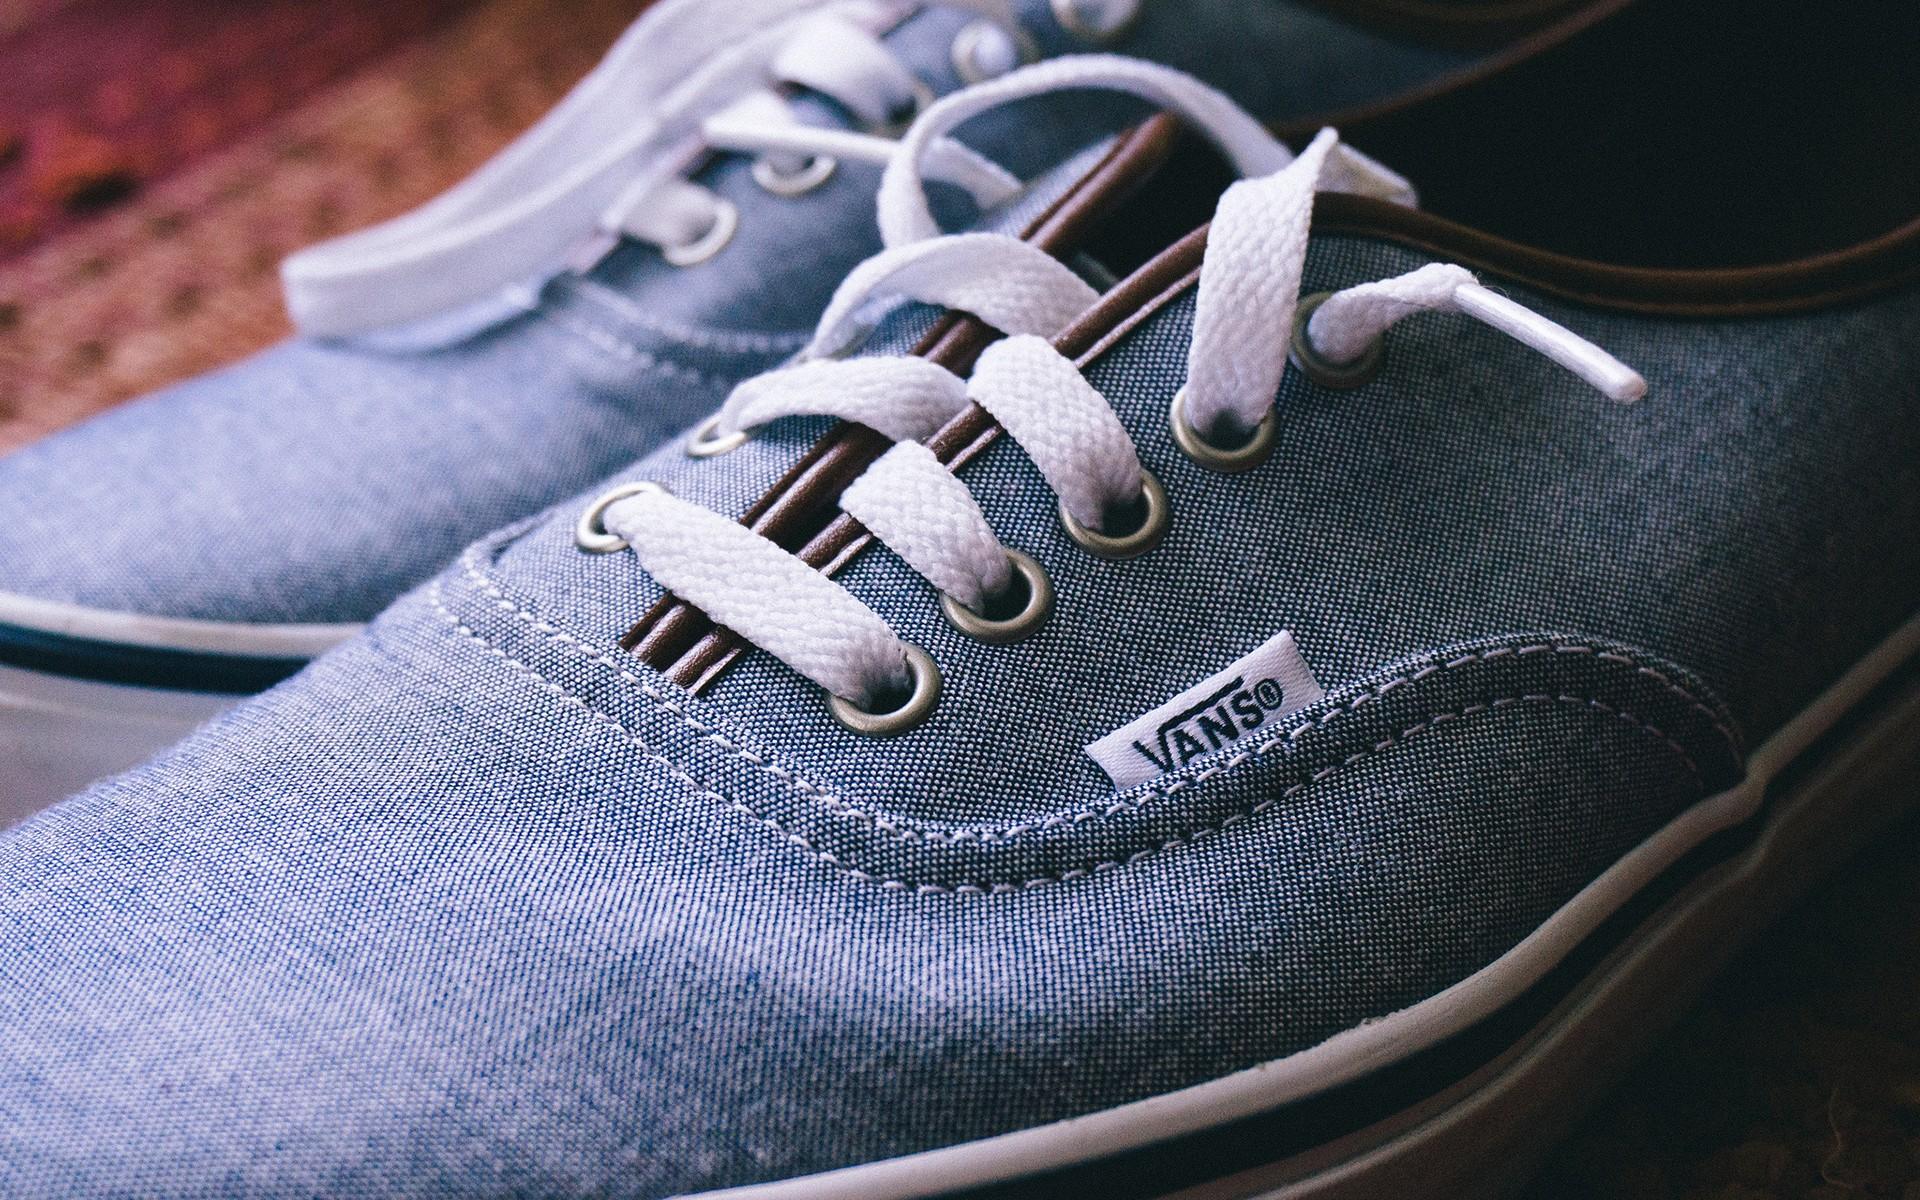 Zapatillas de lona - 1920x1200